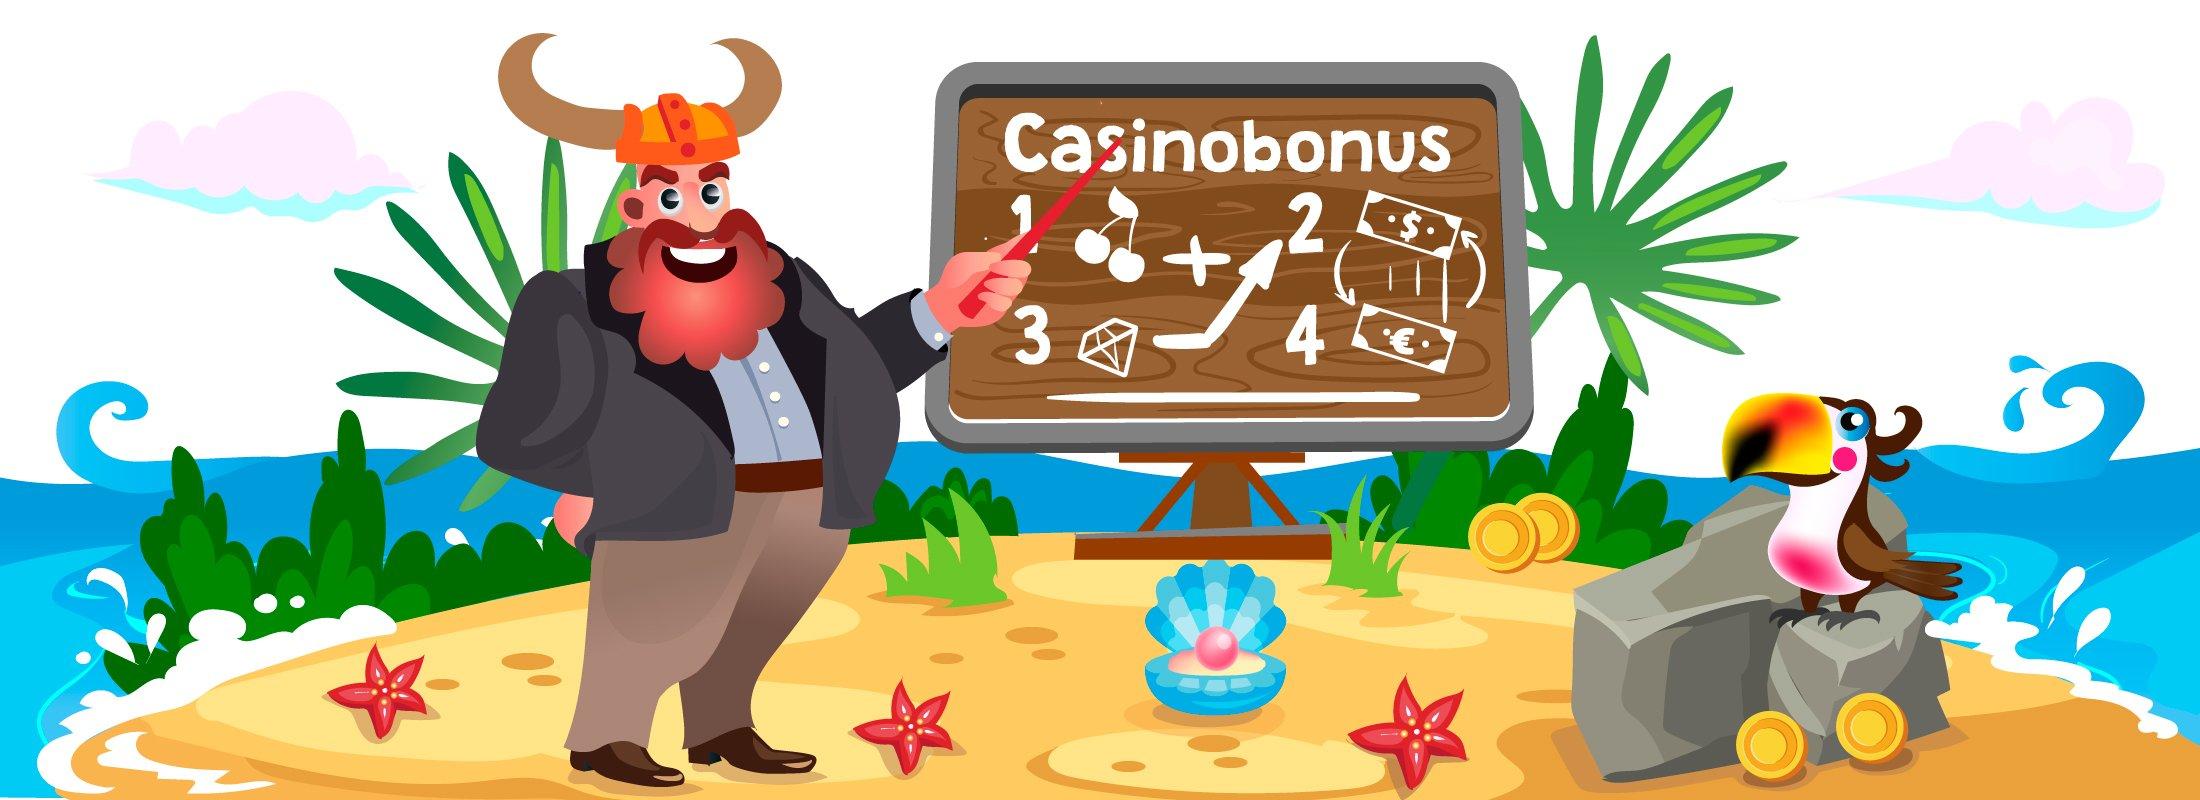 Kurs 1: Casinobonus